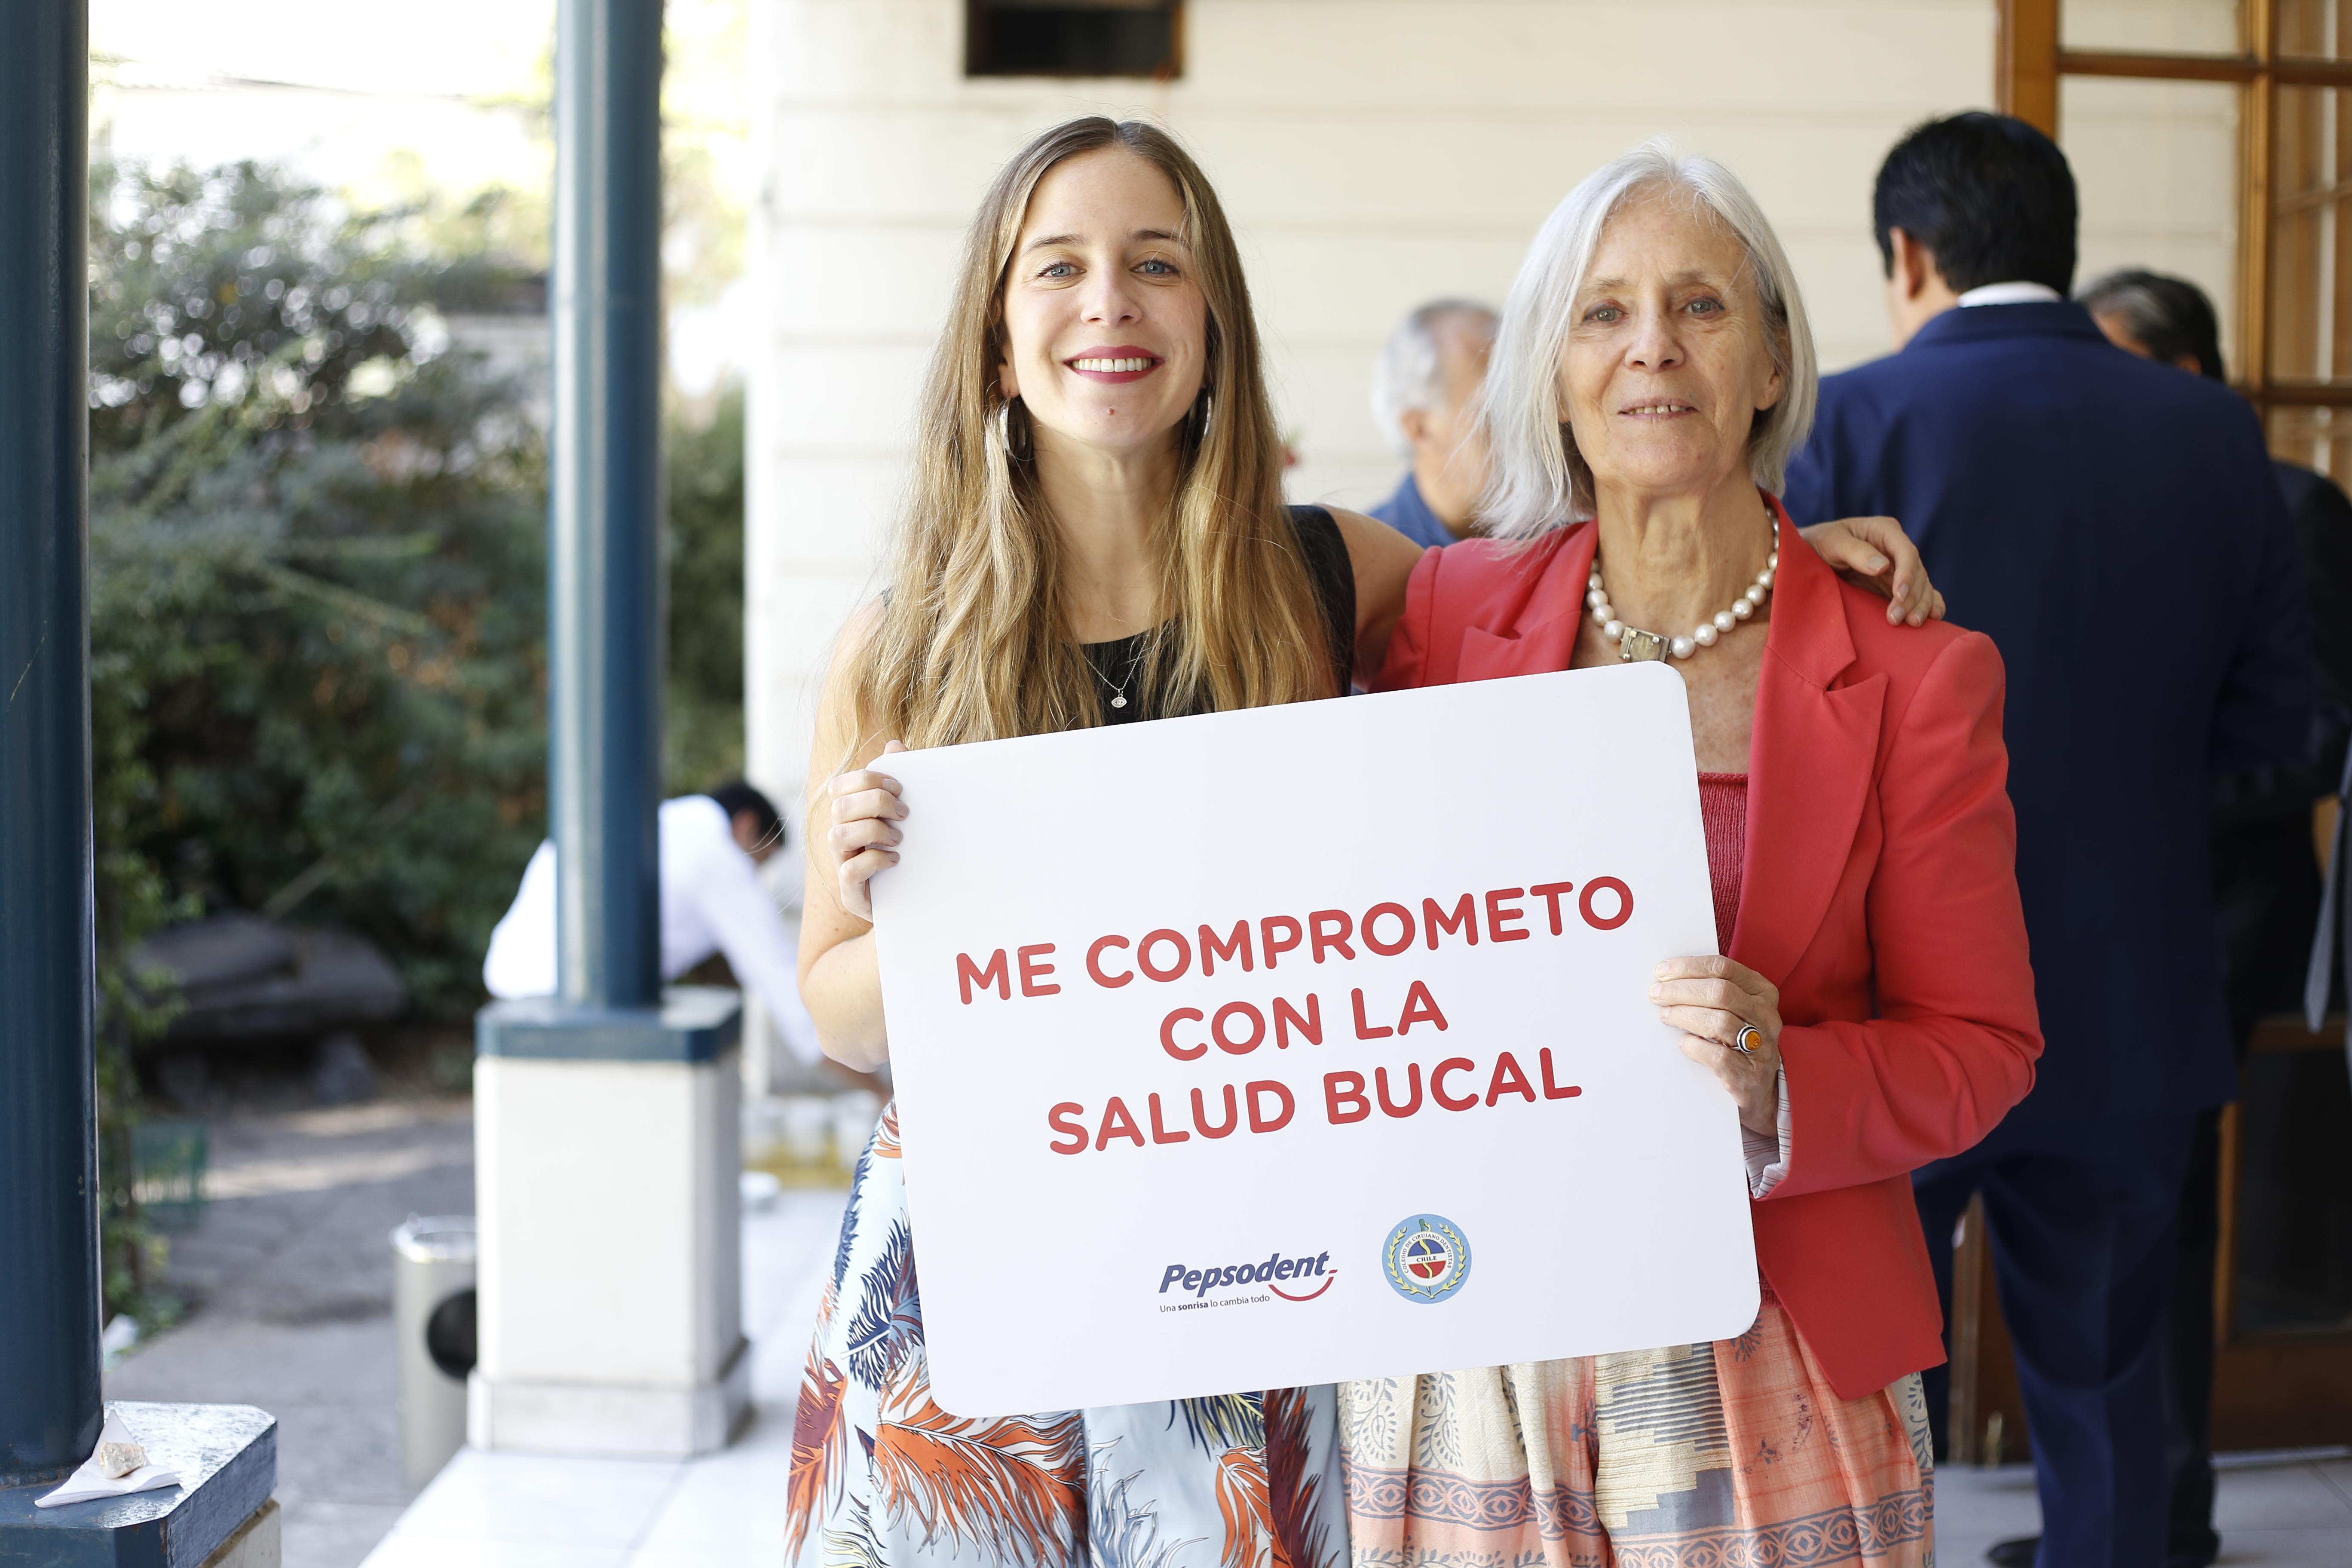 Día Mundial de la Salud Bucal 2019